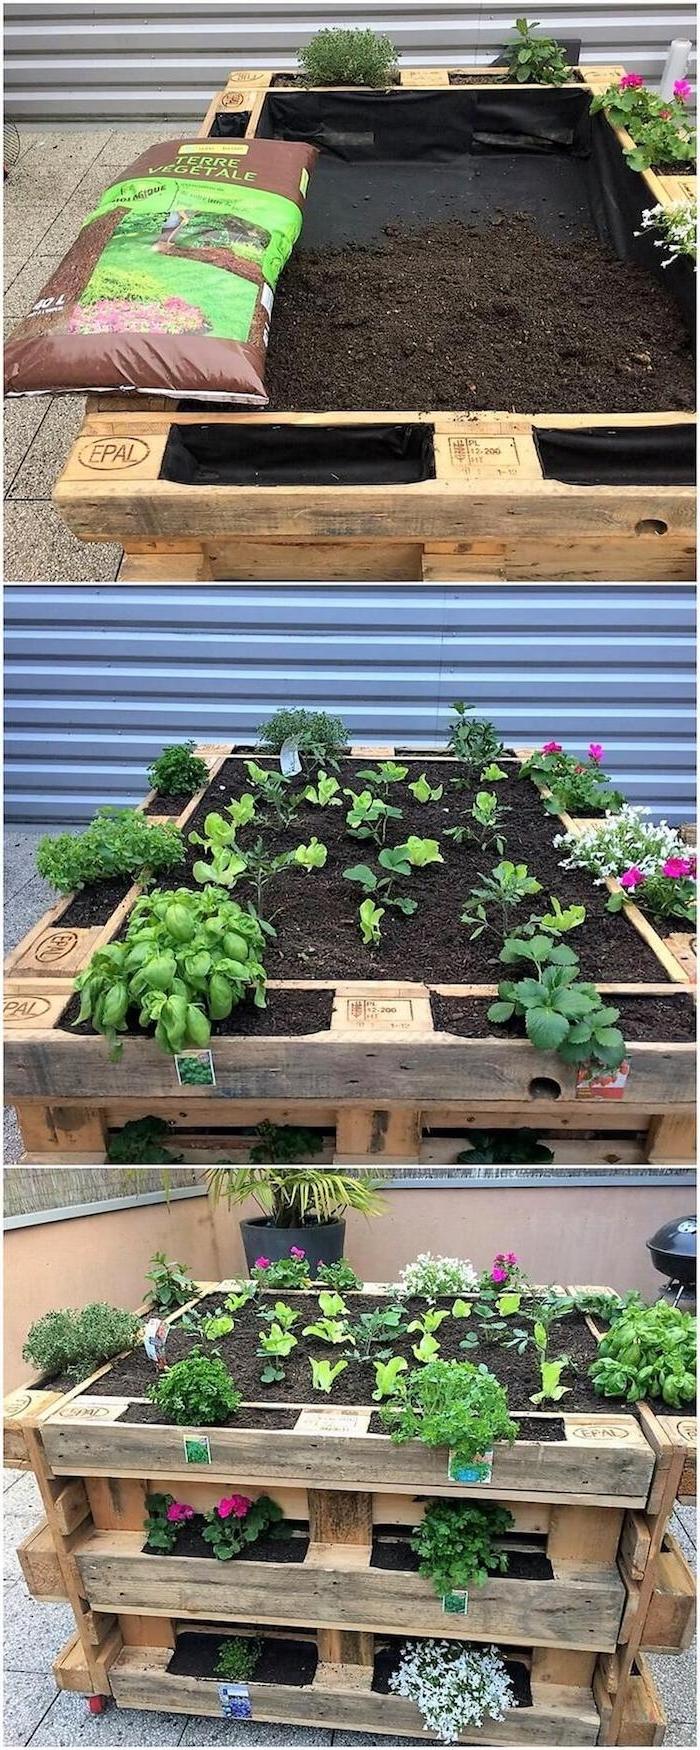 idee de jardiniere sur pied avec un lit aux légumes en temp et des fleurs rangrées sur les cotés, fabriquer carré potager